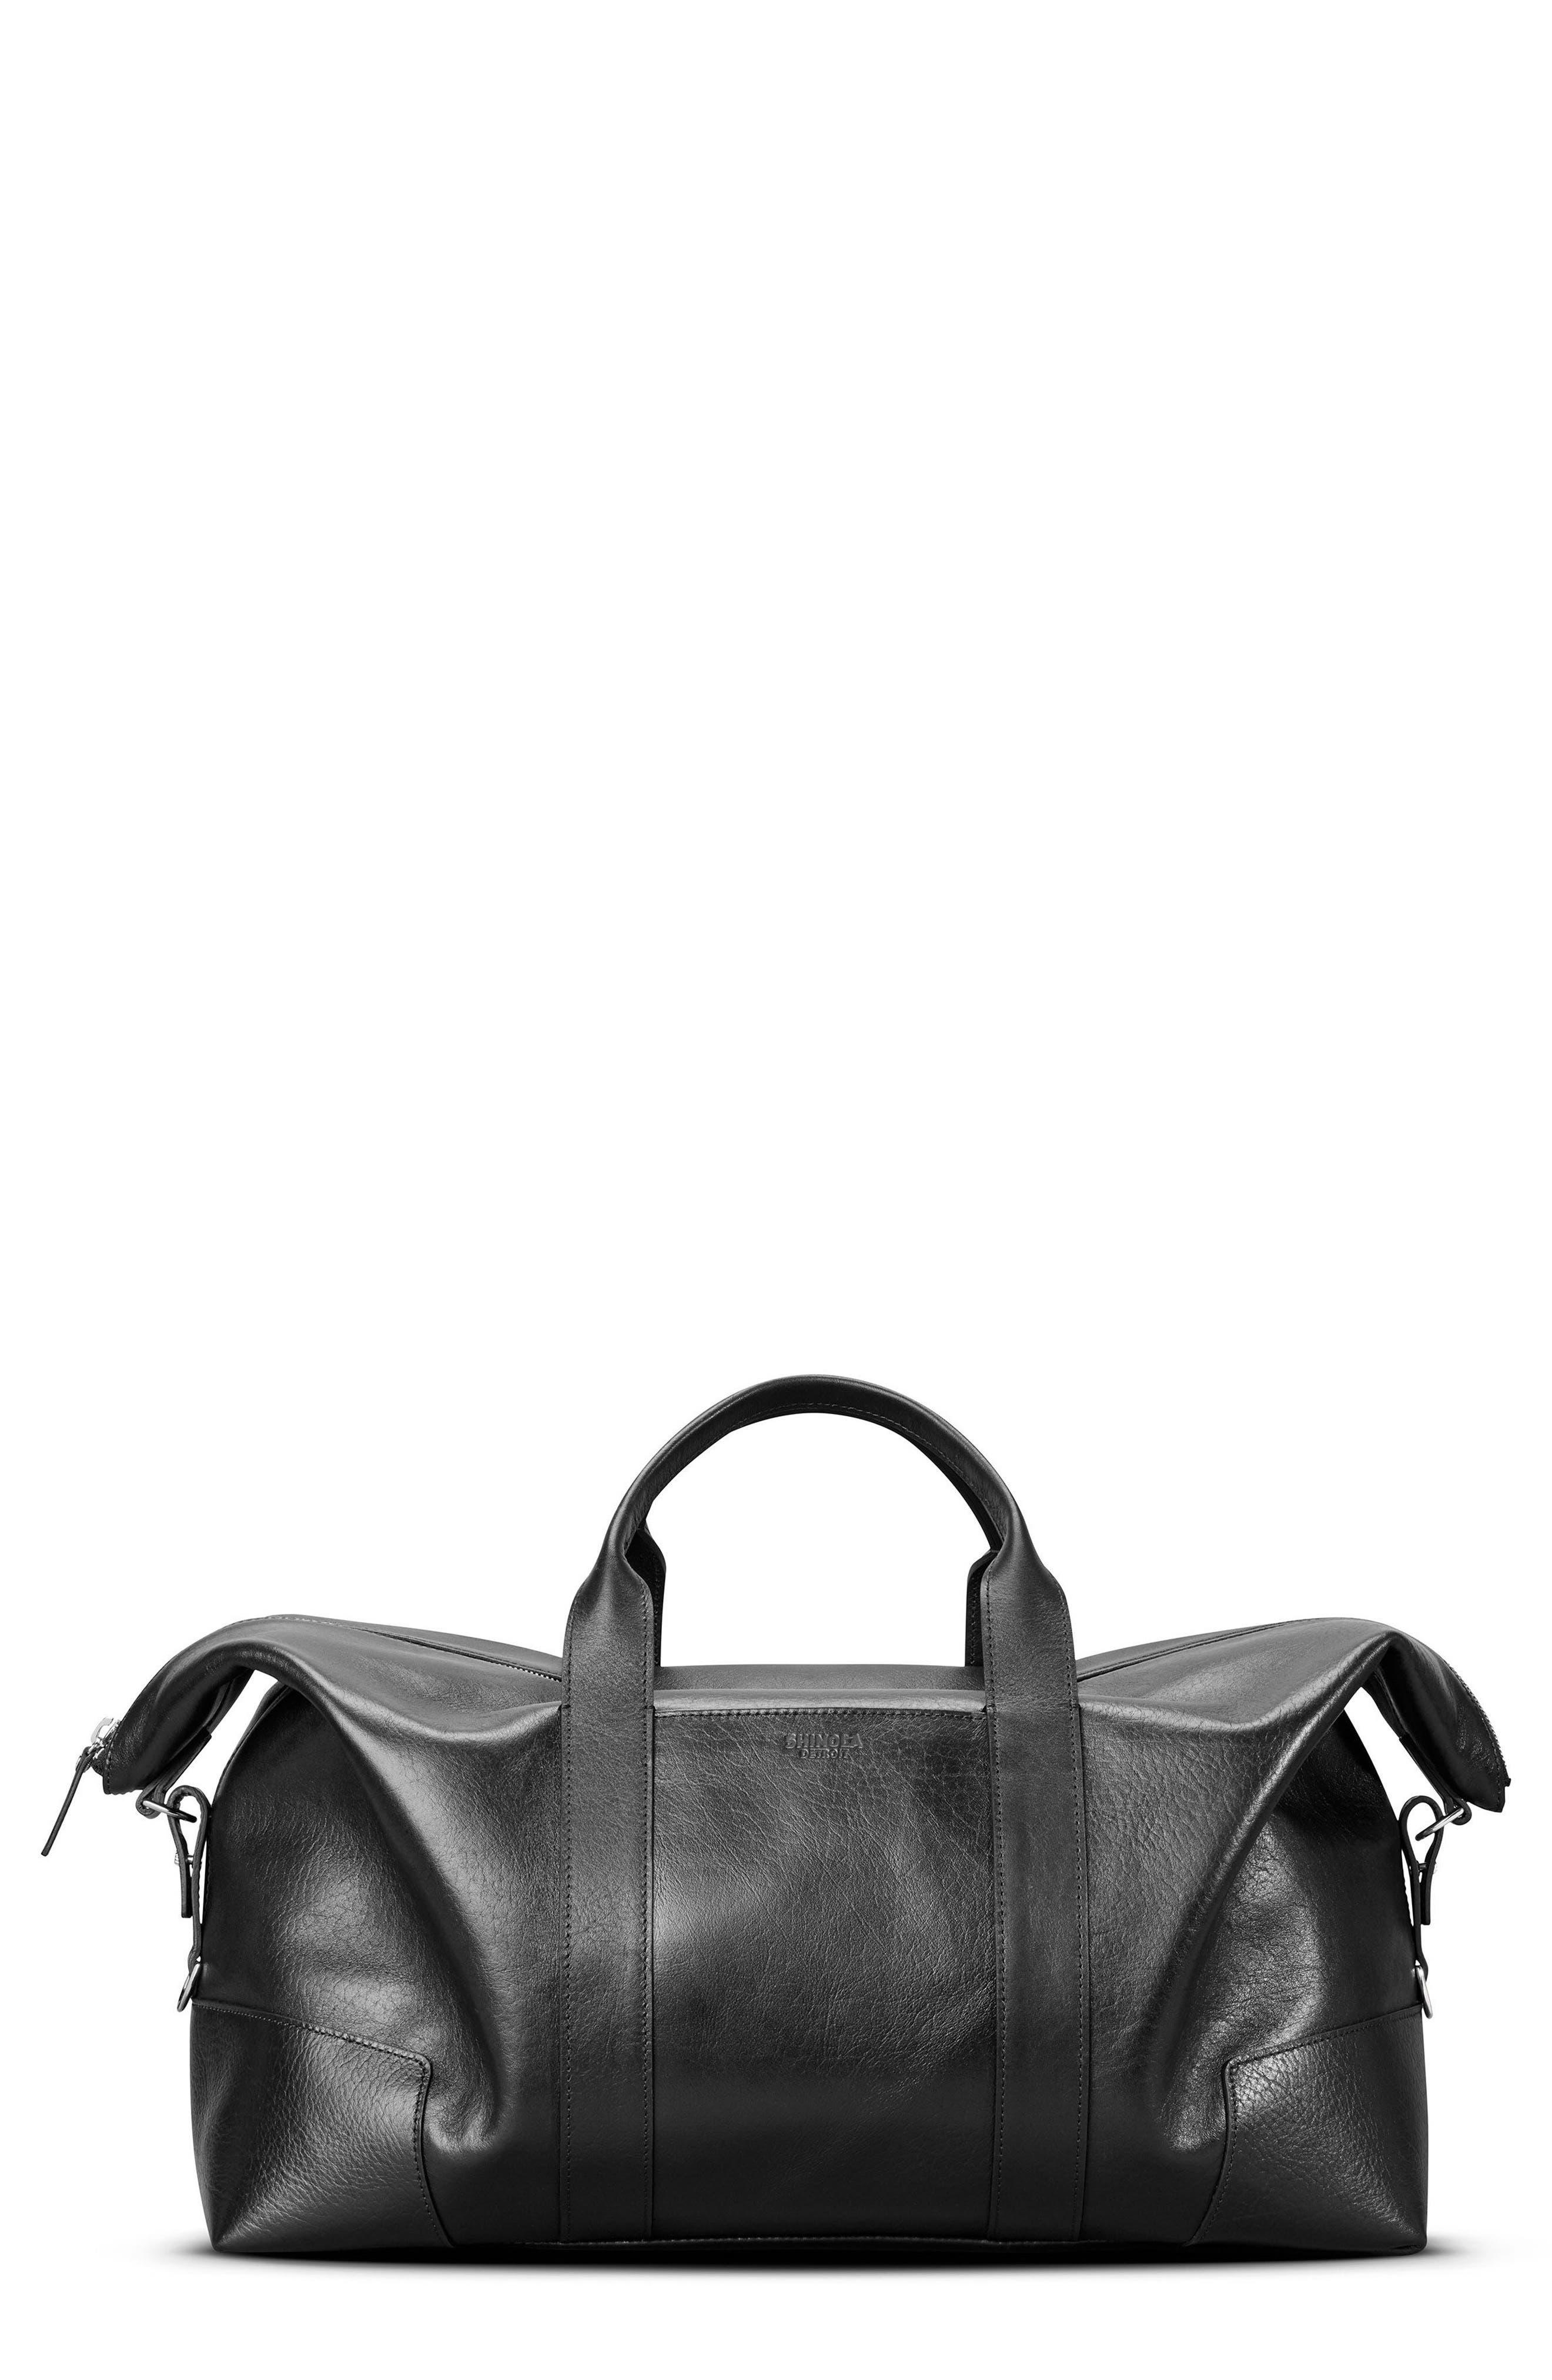 Main Image - Shinola Signature Leather Duffel Bag